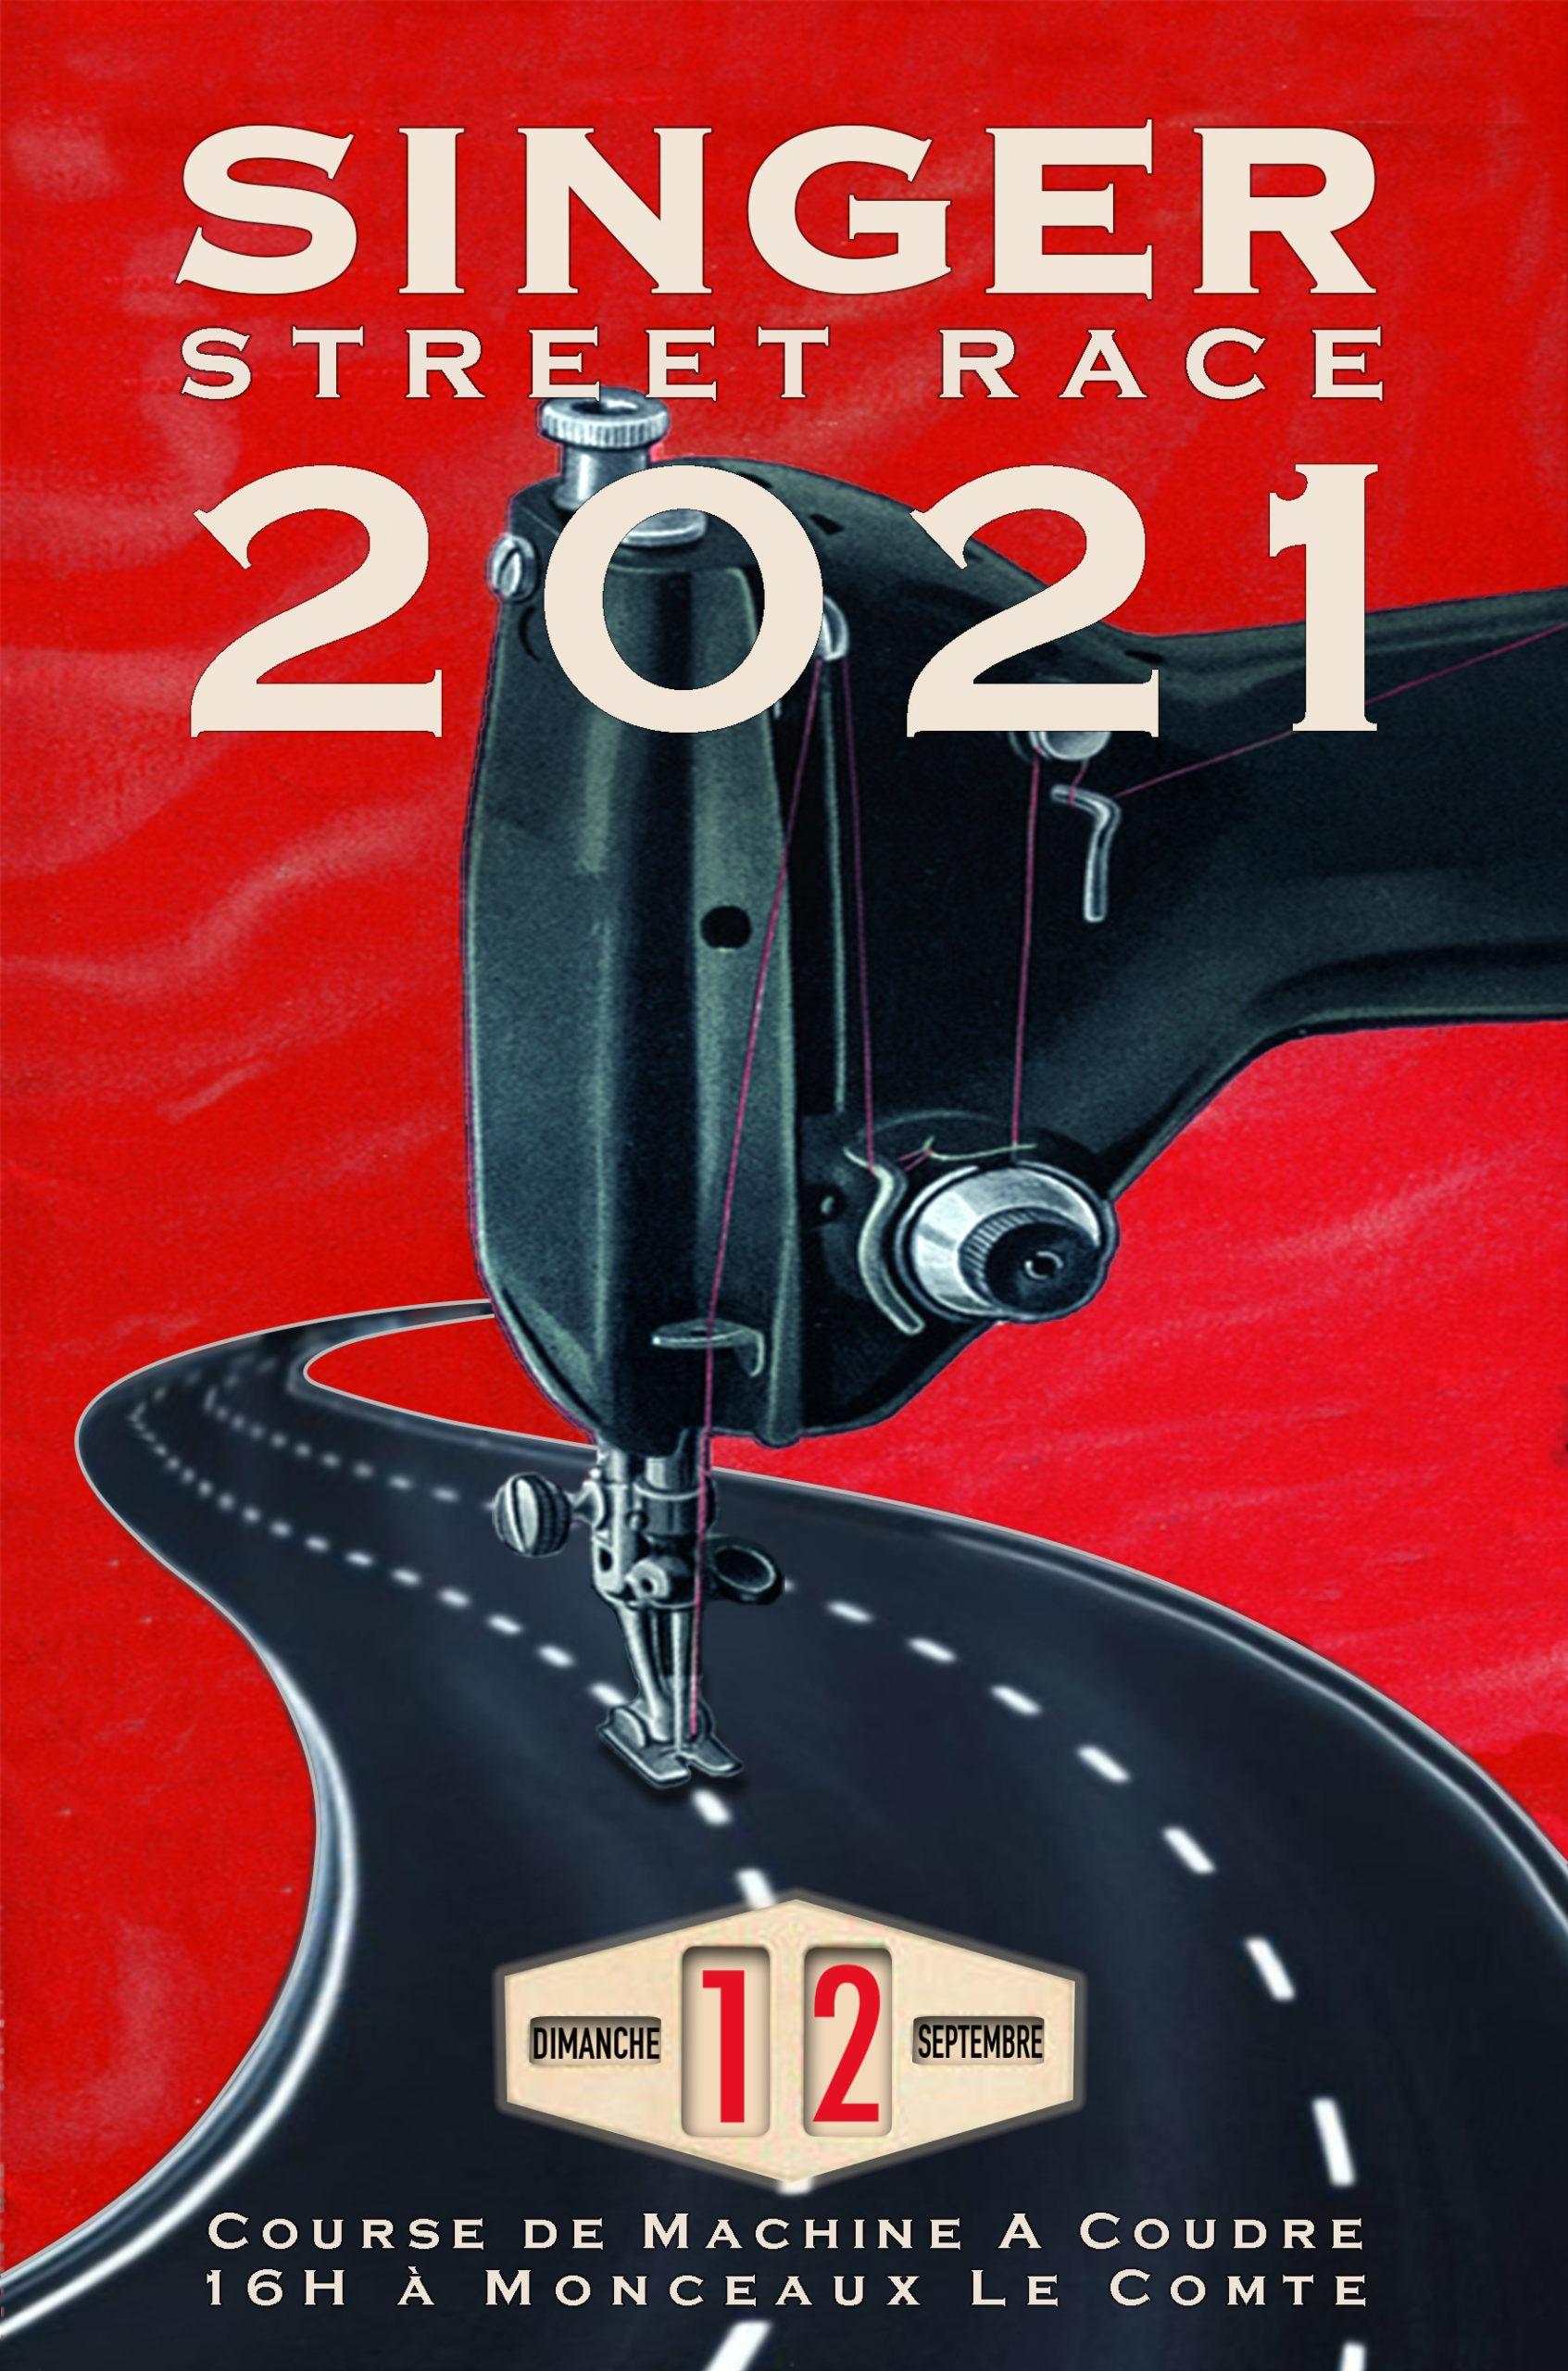 Singer Street Race 2021